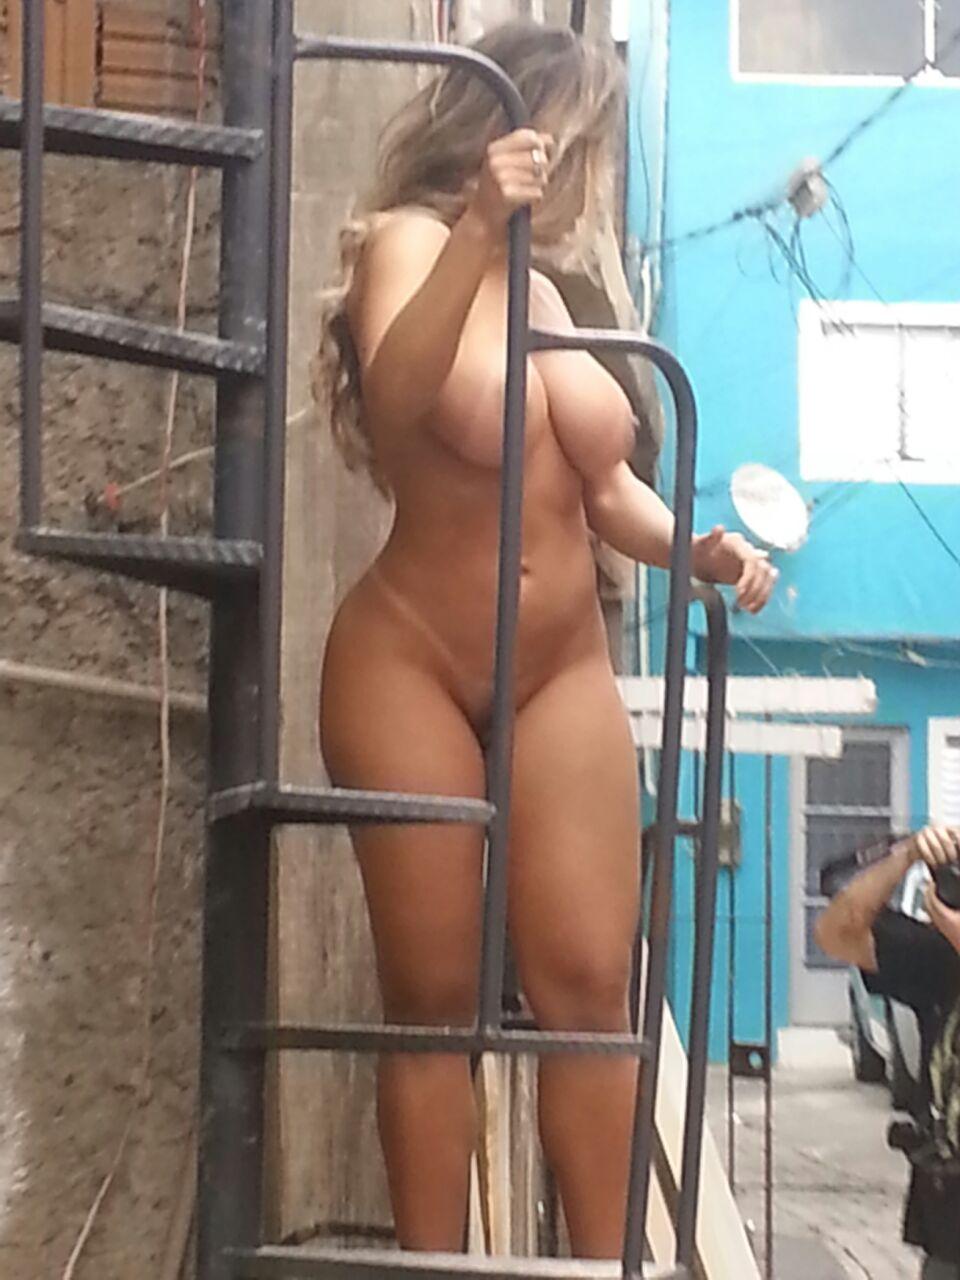 Fotos Mulher Melao na favela Heliopolis - Caiu no WhatsApp Bastidores da Sexy (19)